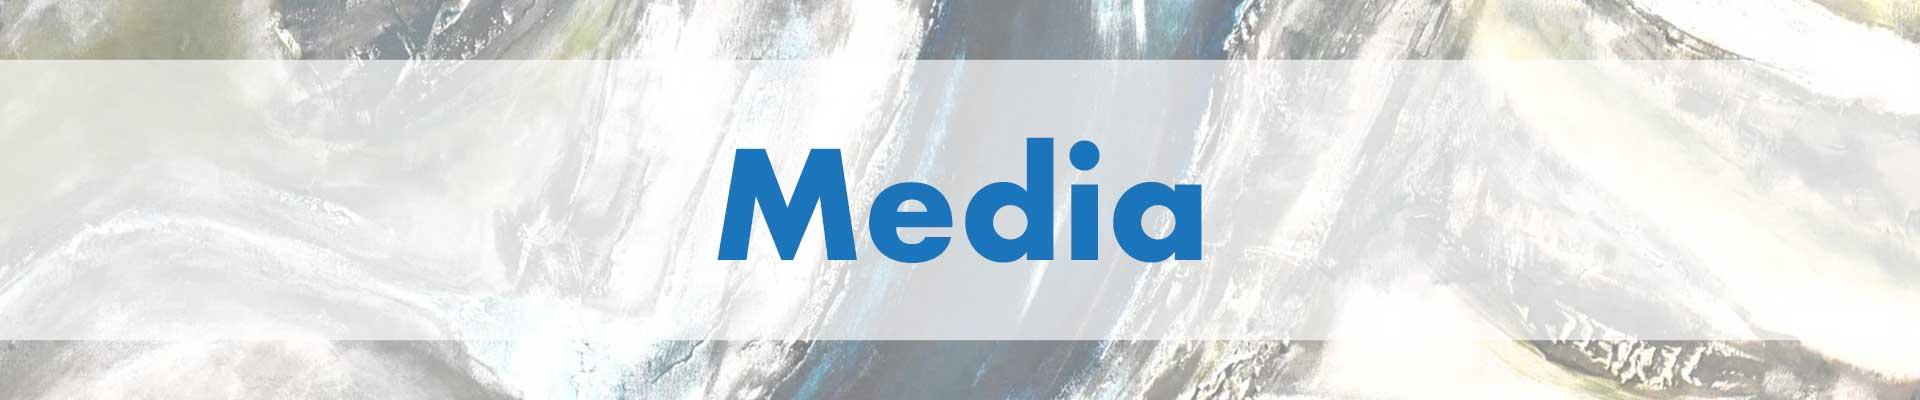 resolution-2021-media-header